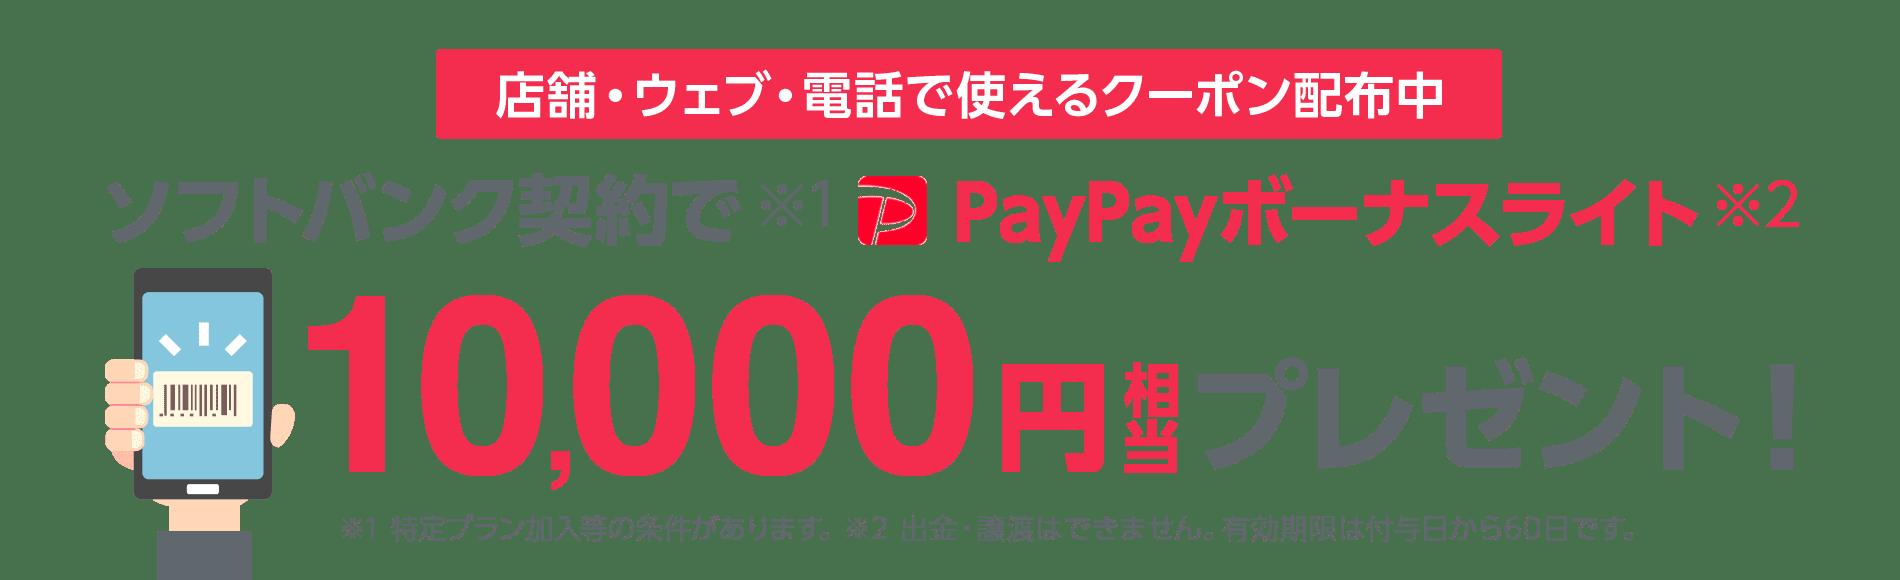 Yahoo!でソフトバンクの最新型iPhone11ProMAXにも使えるPayPay1万円分クーポンを配布中。